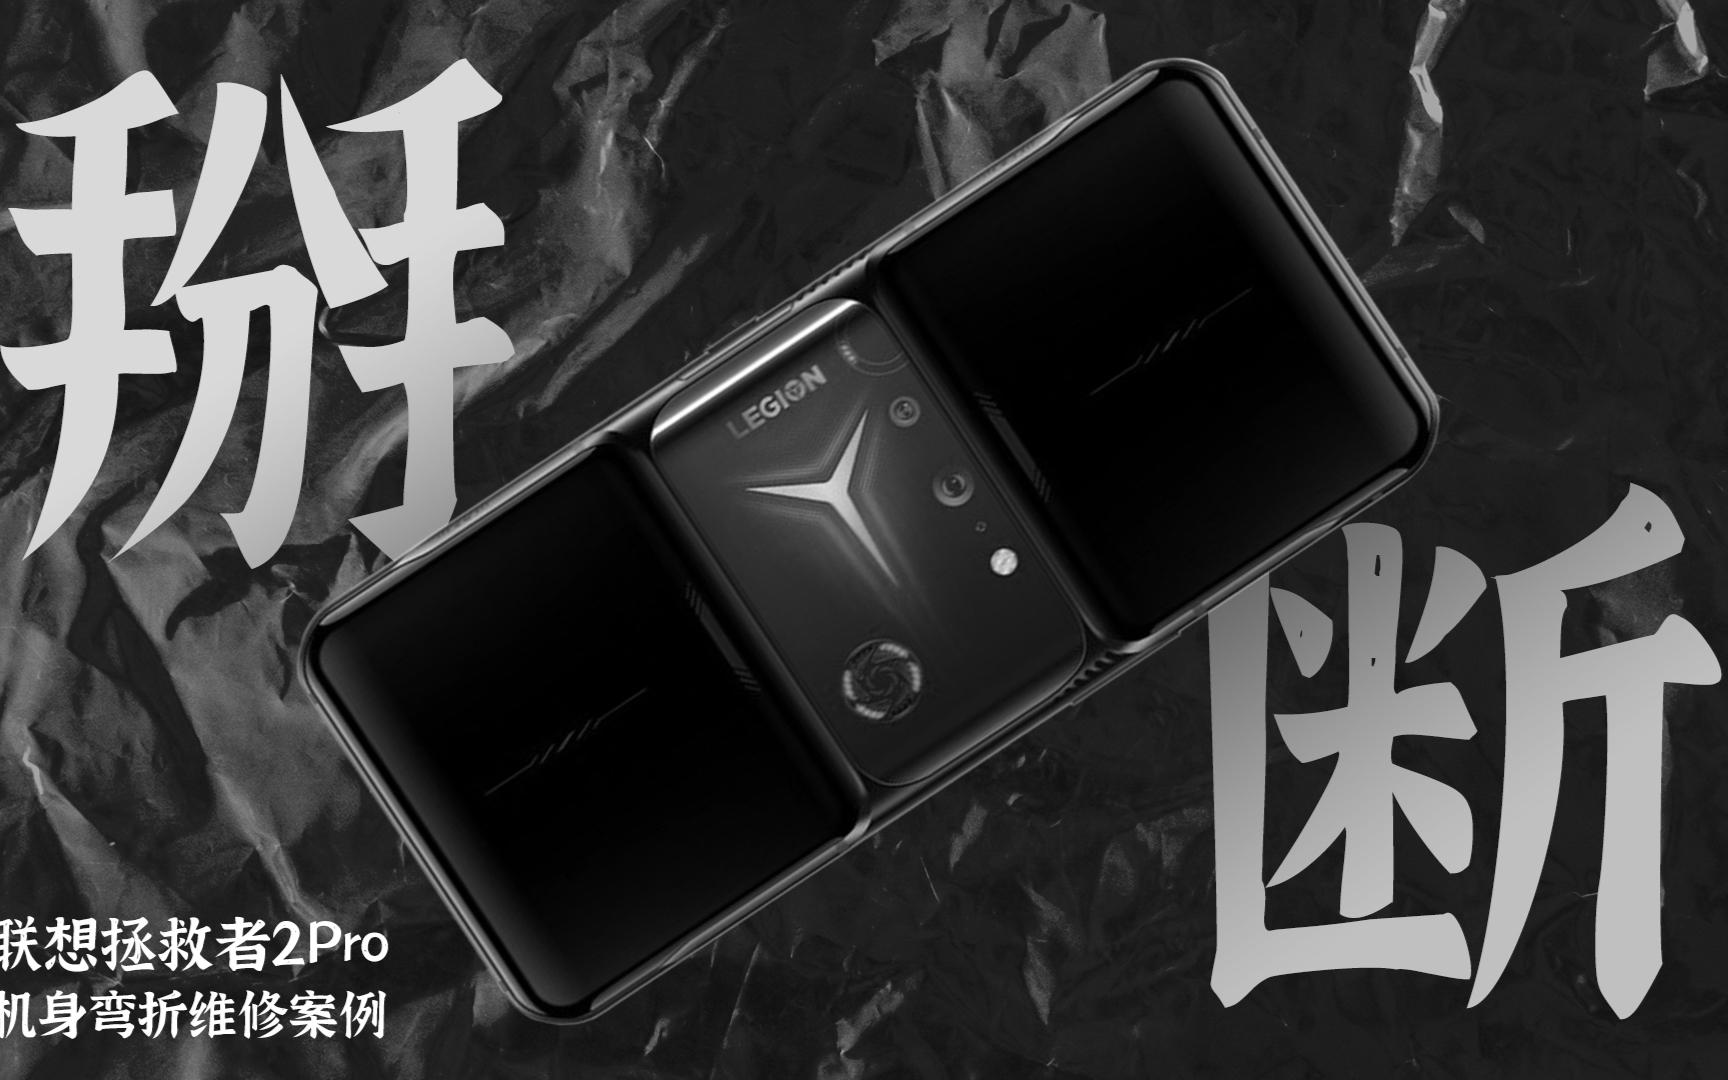 """【蒋·拆解】""""拯救""""拯救者2 Pro:维修被掰弯的游戏手机"""